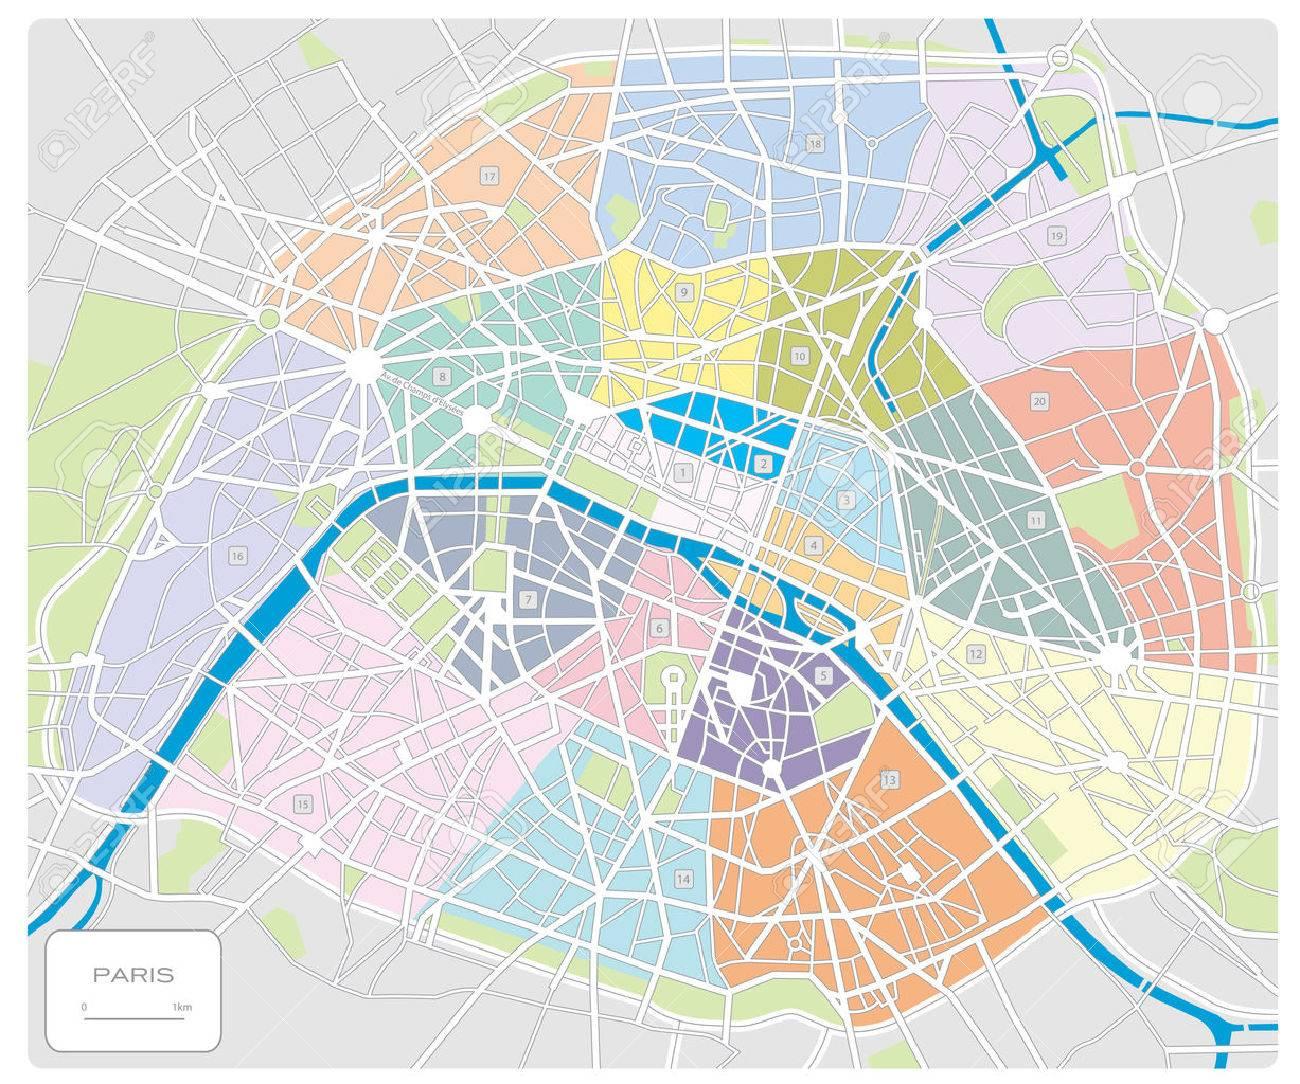 パリフランスの地図のイラスト素材ベクタ Image 4236686